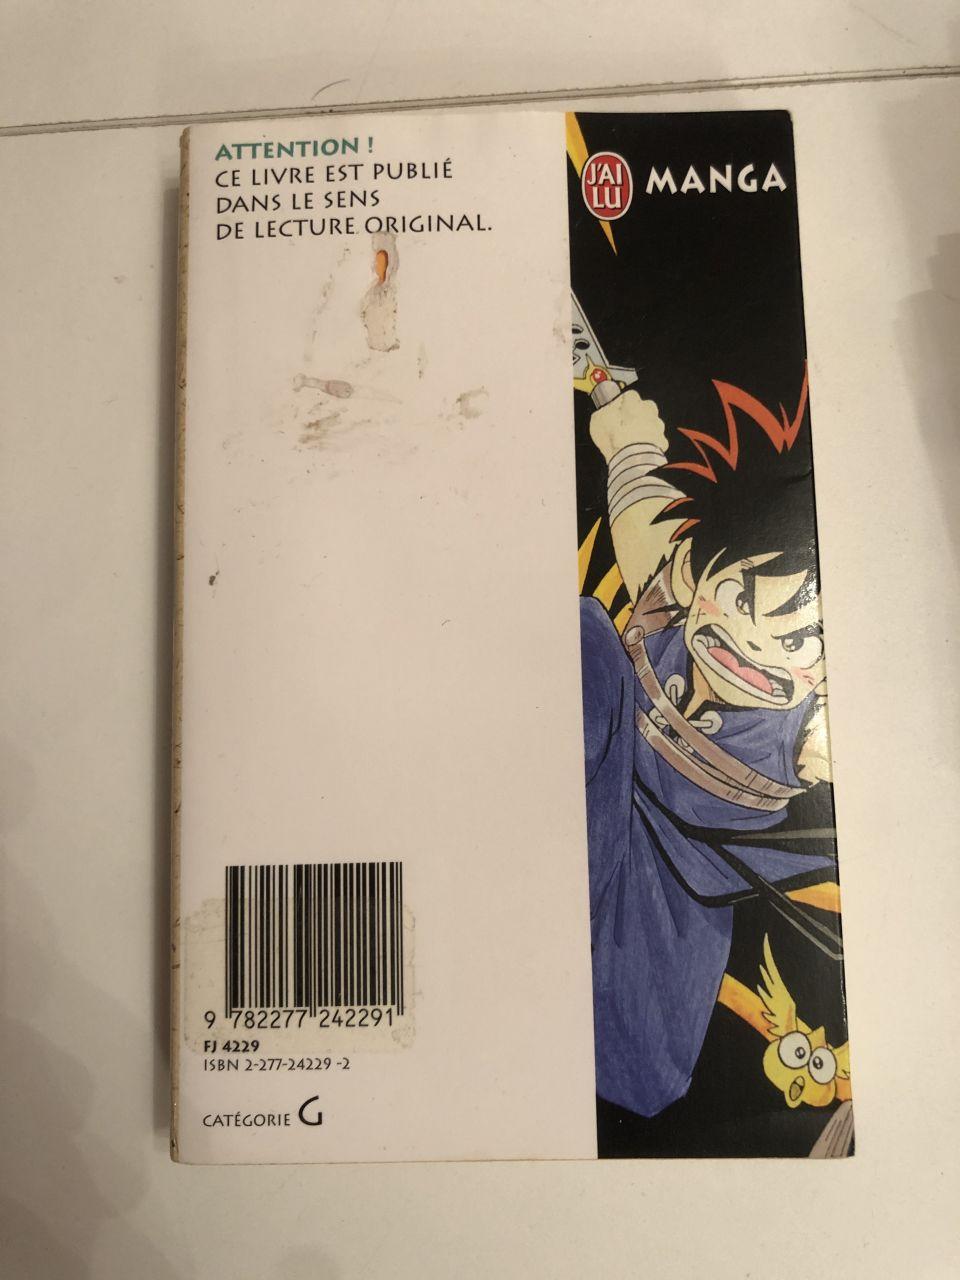 Image article Manga Fly